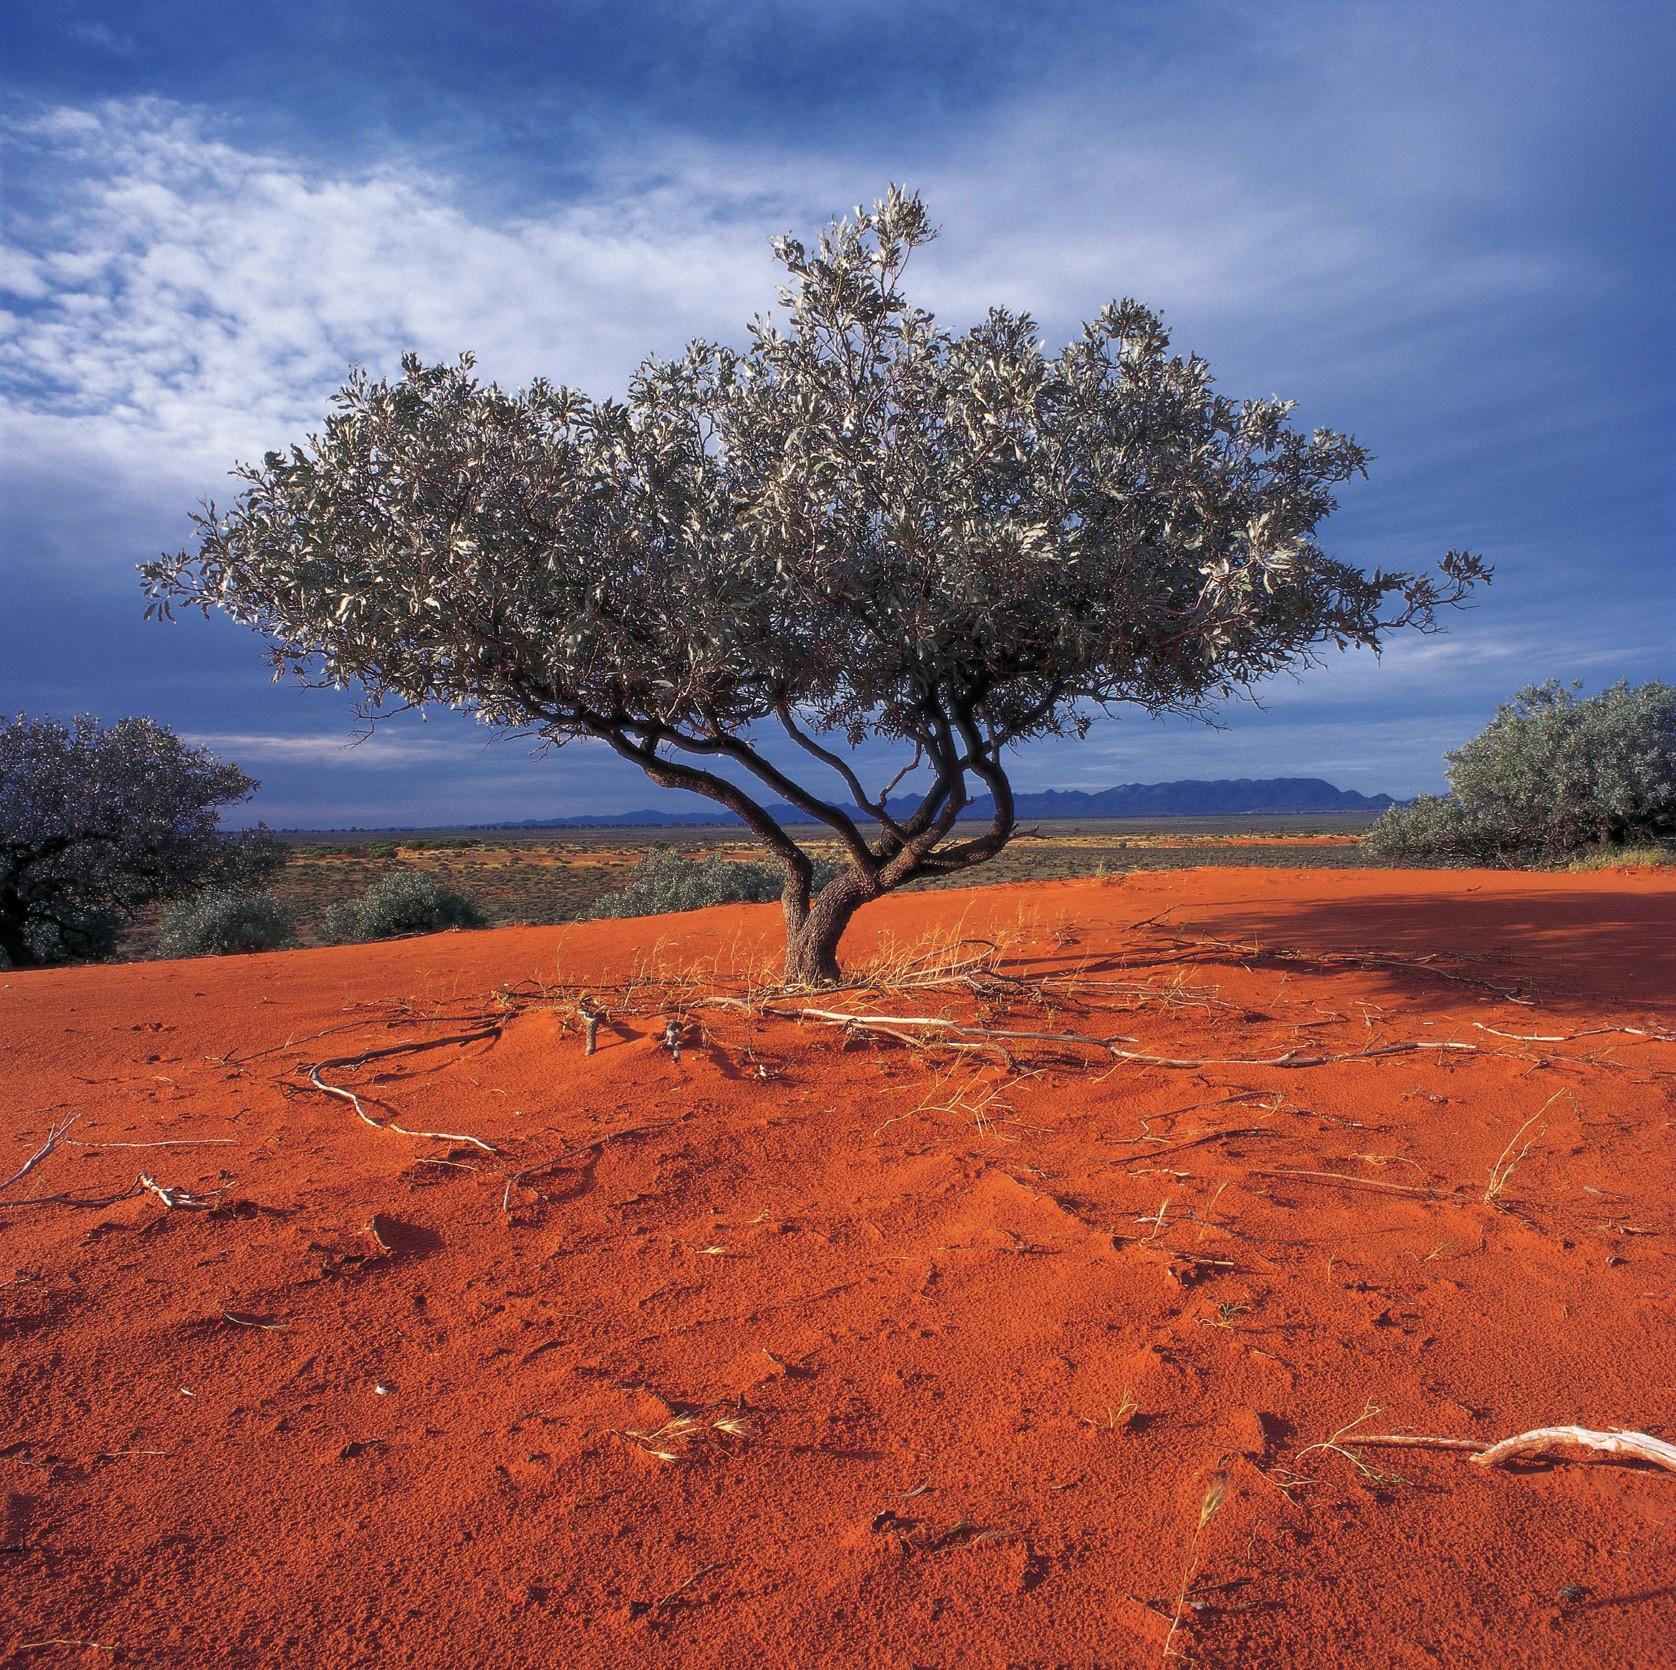 Árbol en el desierto rojo - Viaje a Australia del Sur